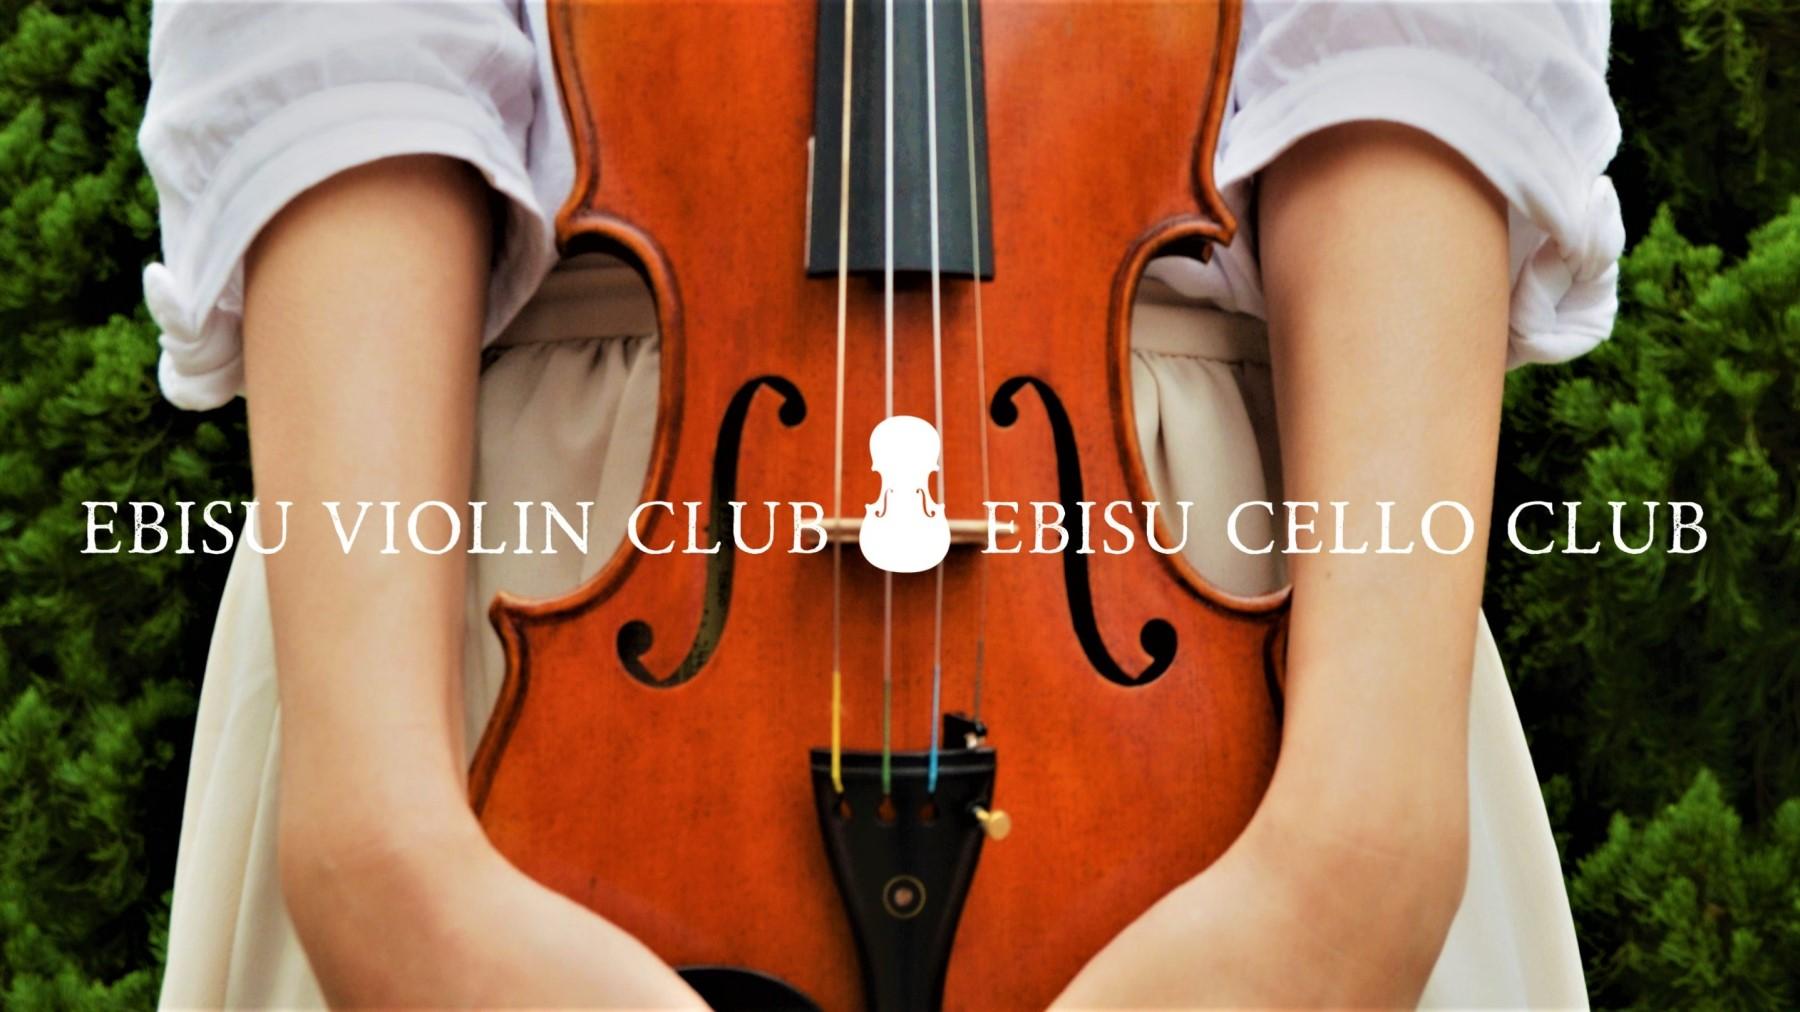 恵比寿バイオリン部恵比寿チェロ部へのリンク